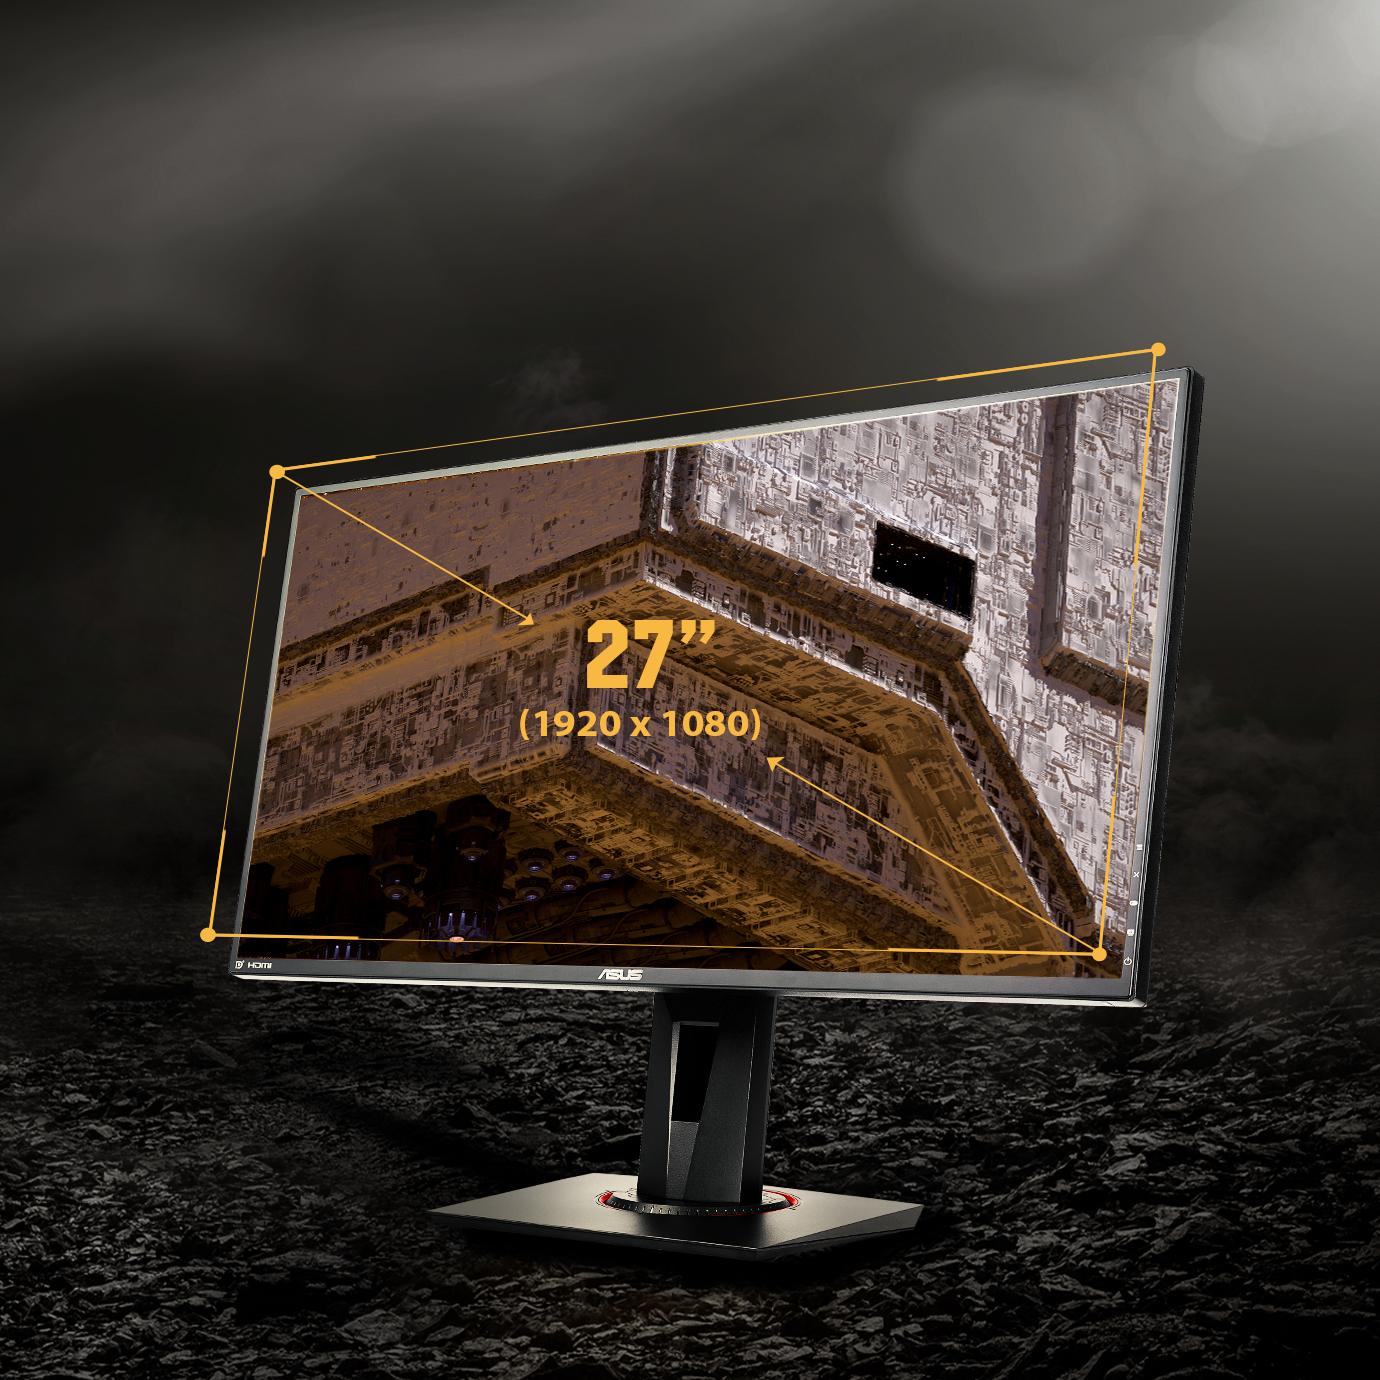 TUF Gaming VG279QR